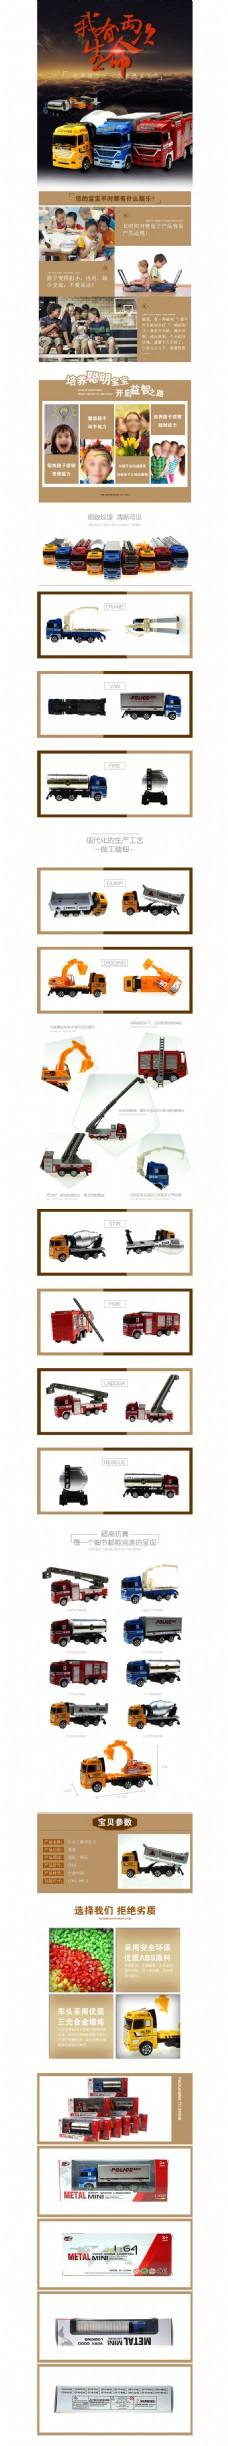 淘宝儿童玩具合金车模型产品详情页介绍